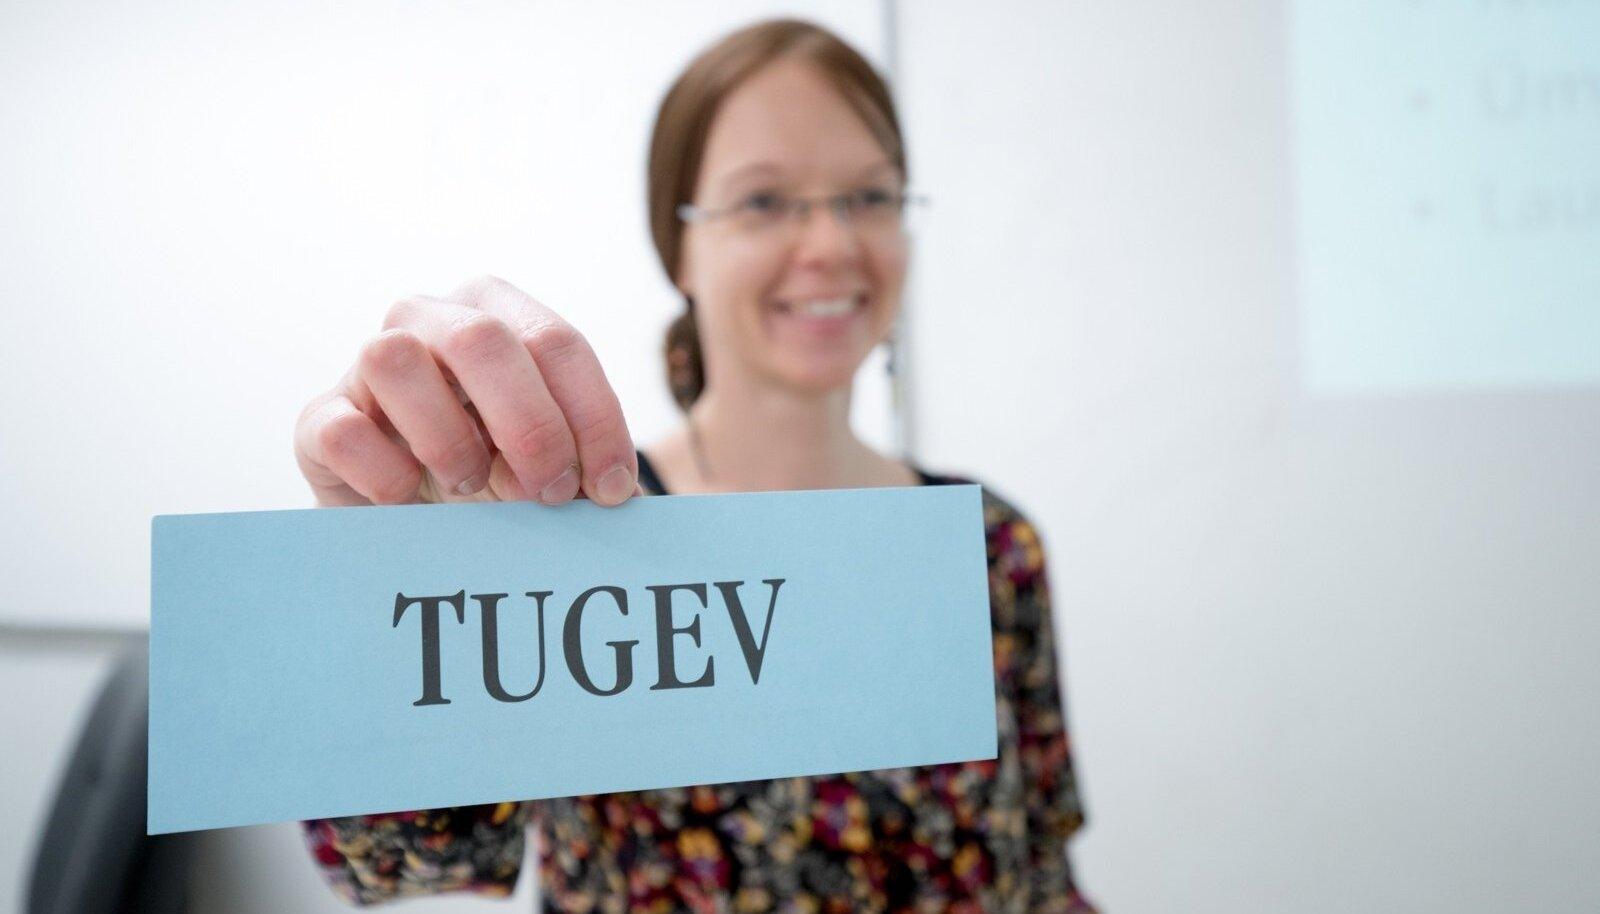 eesti keele tund TLÜ-s, foto on illustratiivne